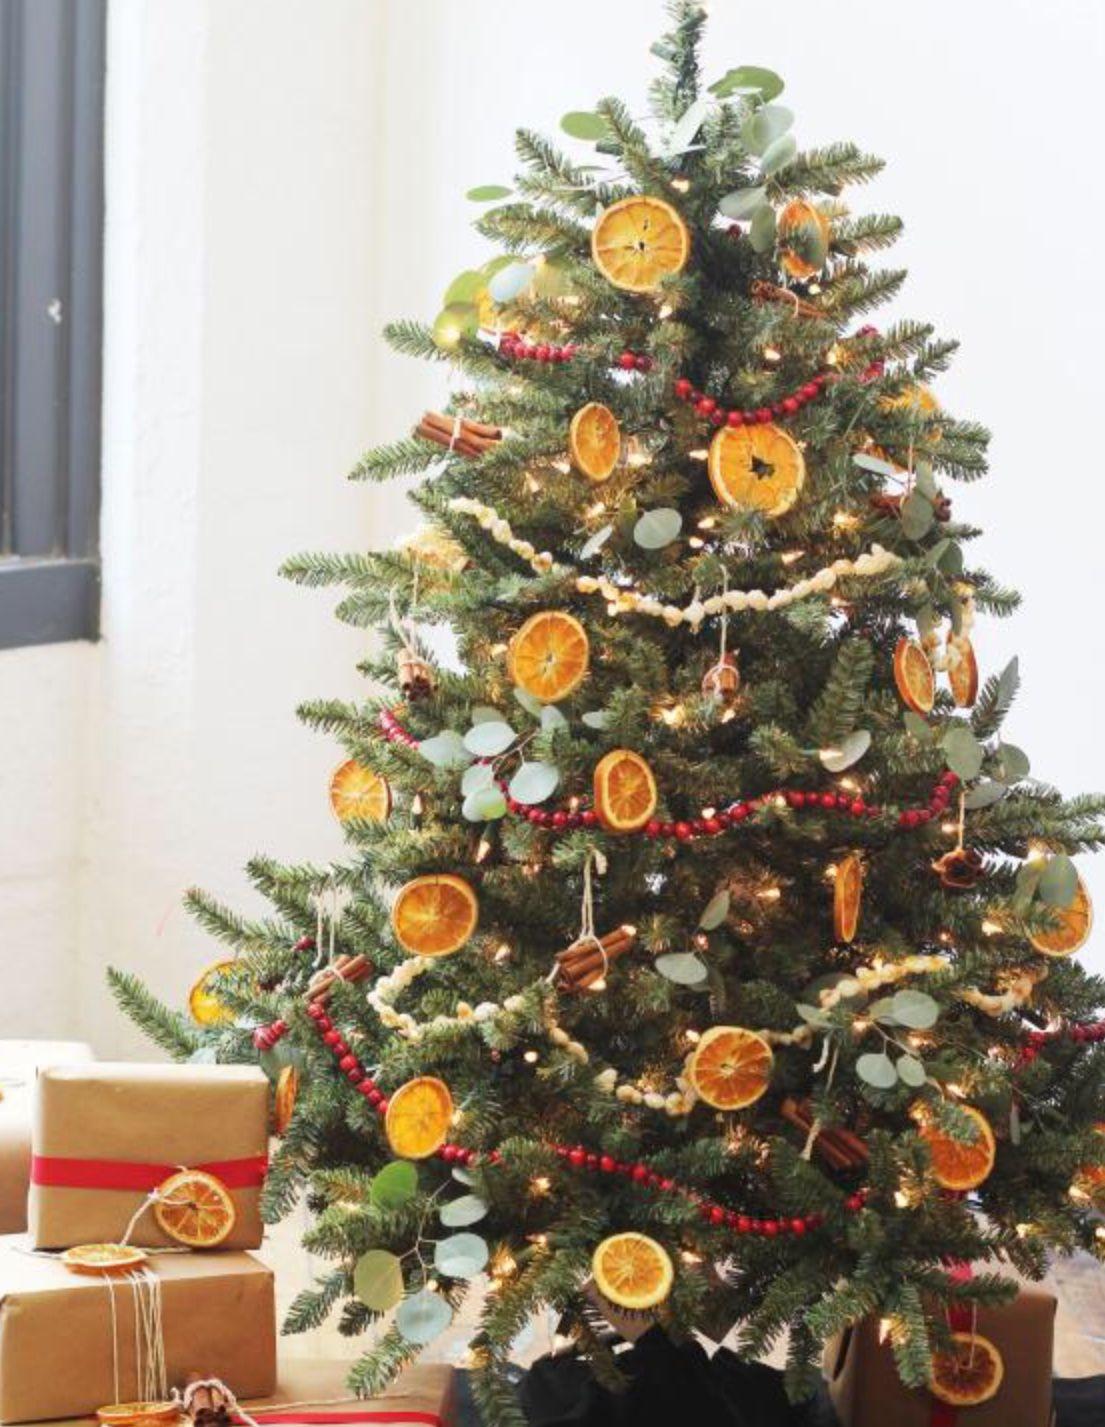 Pin By Gaea Pabon On Christmas Hygge Christmas Christmas Spirit Christmas Decorations